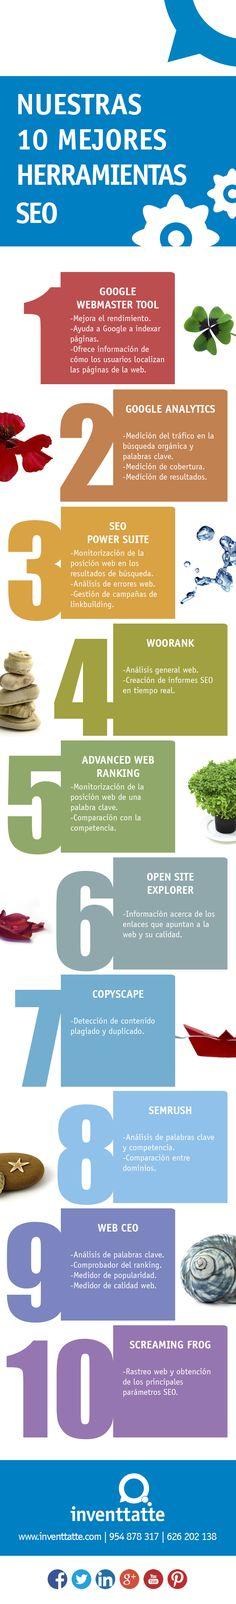 10 Herramientas esenciales del SEO en una Infografía - Nerdilandia